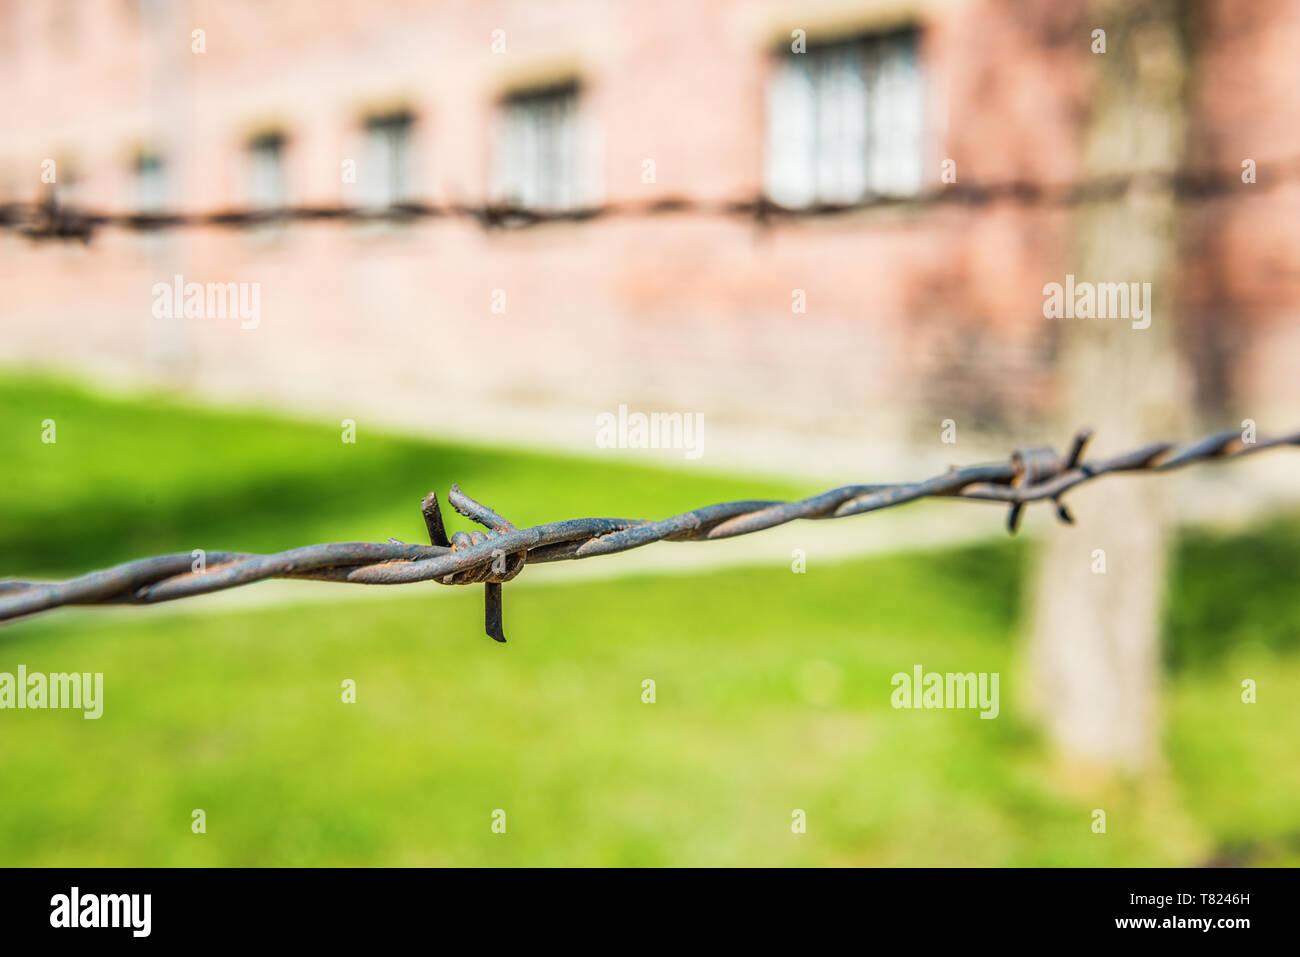 AUSCHWITZ (OSWIECIM), POLAND - APRIL 18, 2019: Electric fence and barracks Auschwitz I (main camp) in Oswiecim, Poland - Stock Image